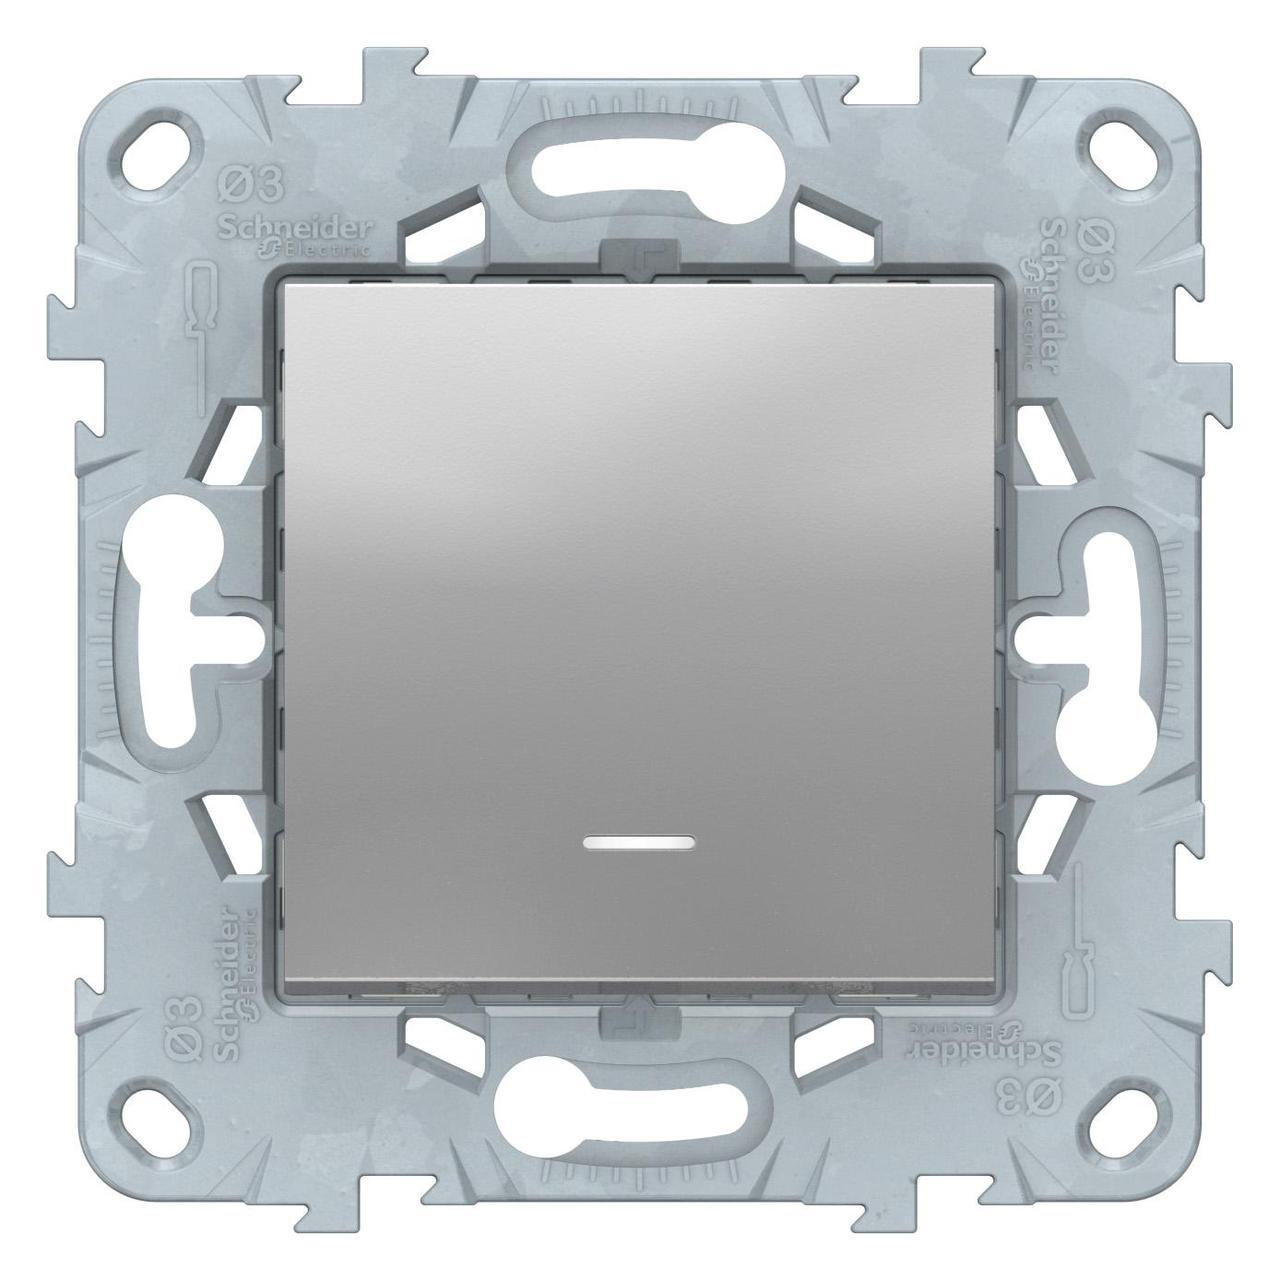 Выключатель 1-клавишный, перекрестный с подсветкой (с трех мест) , Алюминий, серия Unica New, Schneider Electric